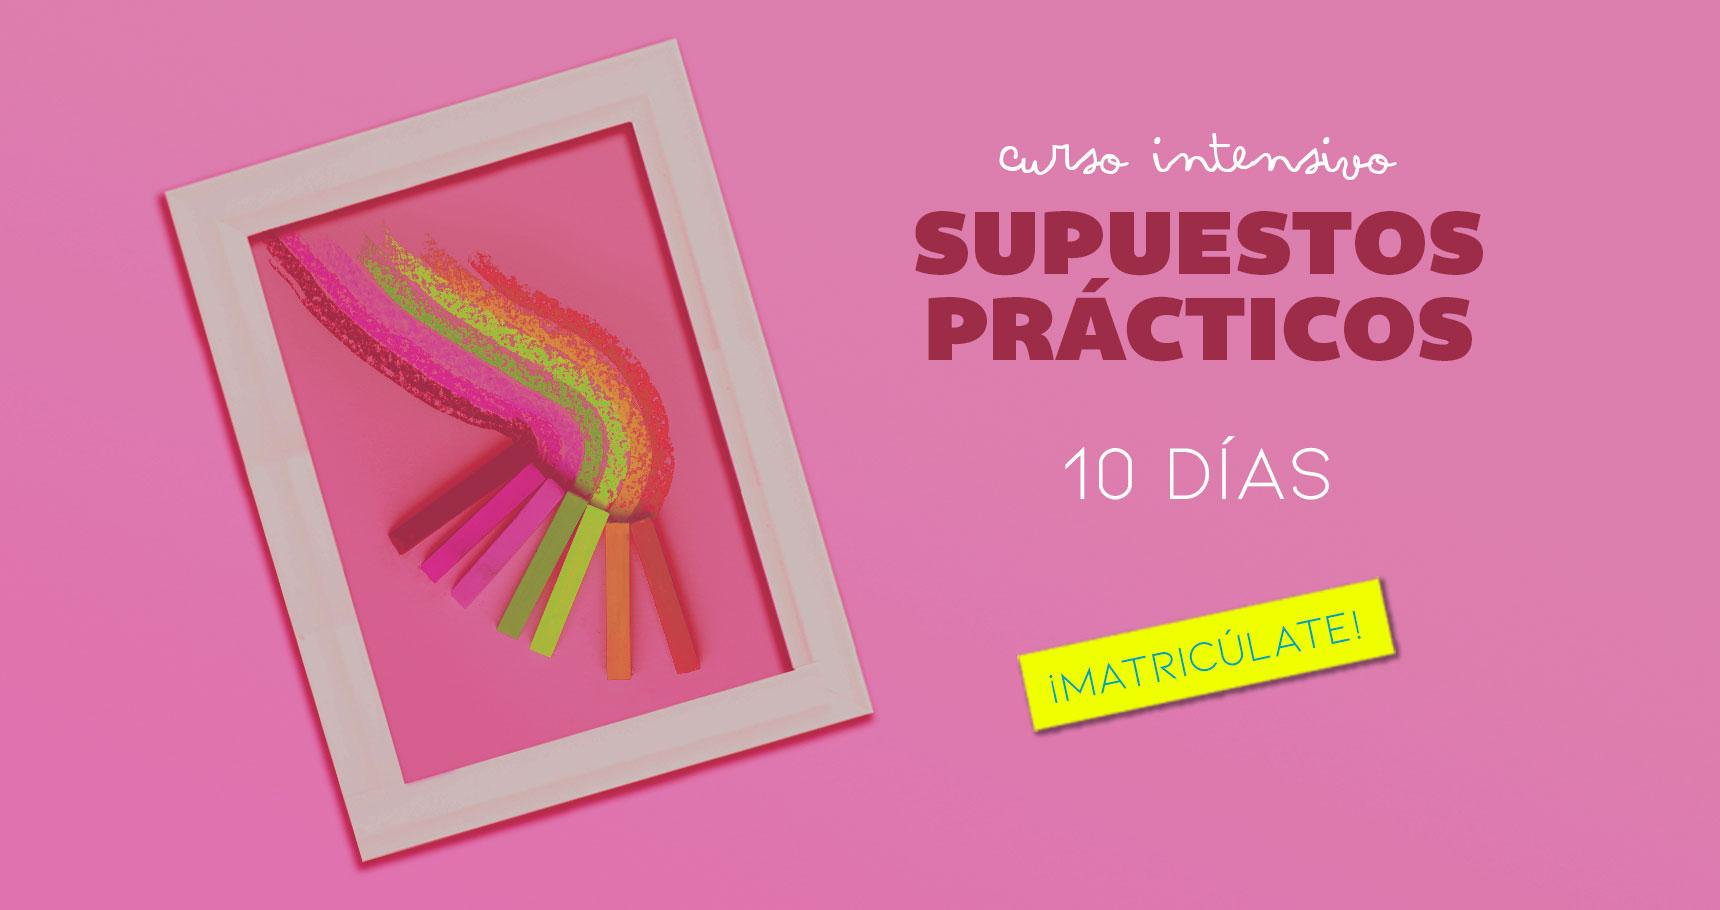 cursos_10dias_supuestos